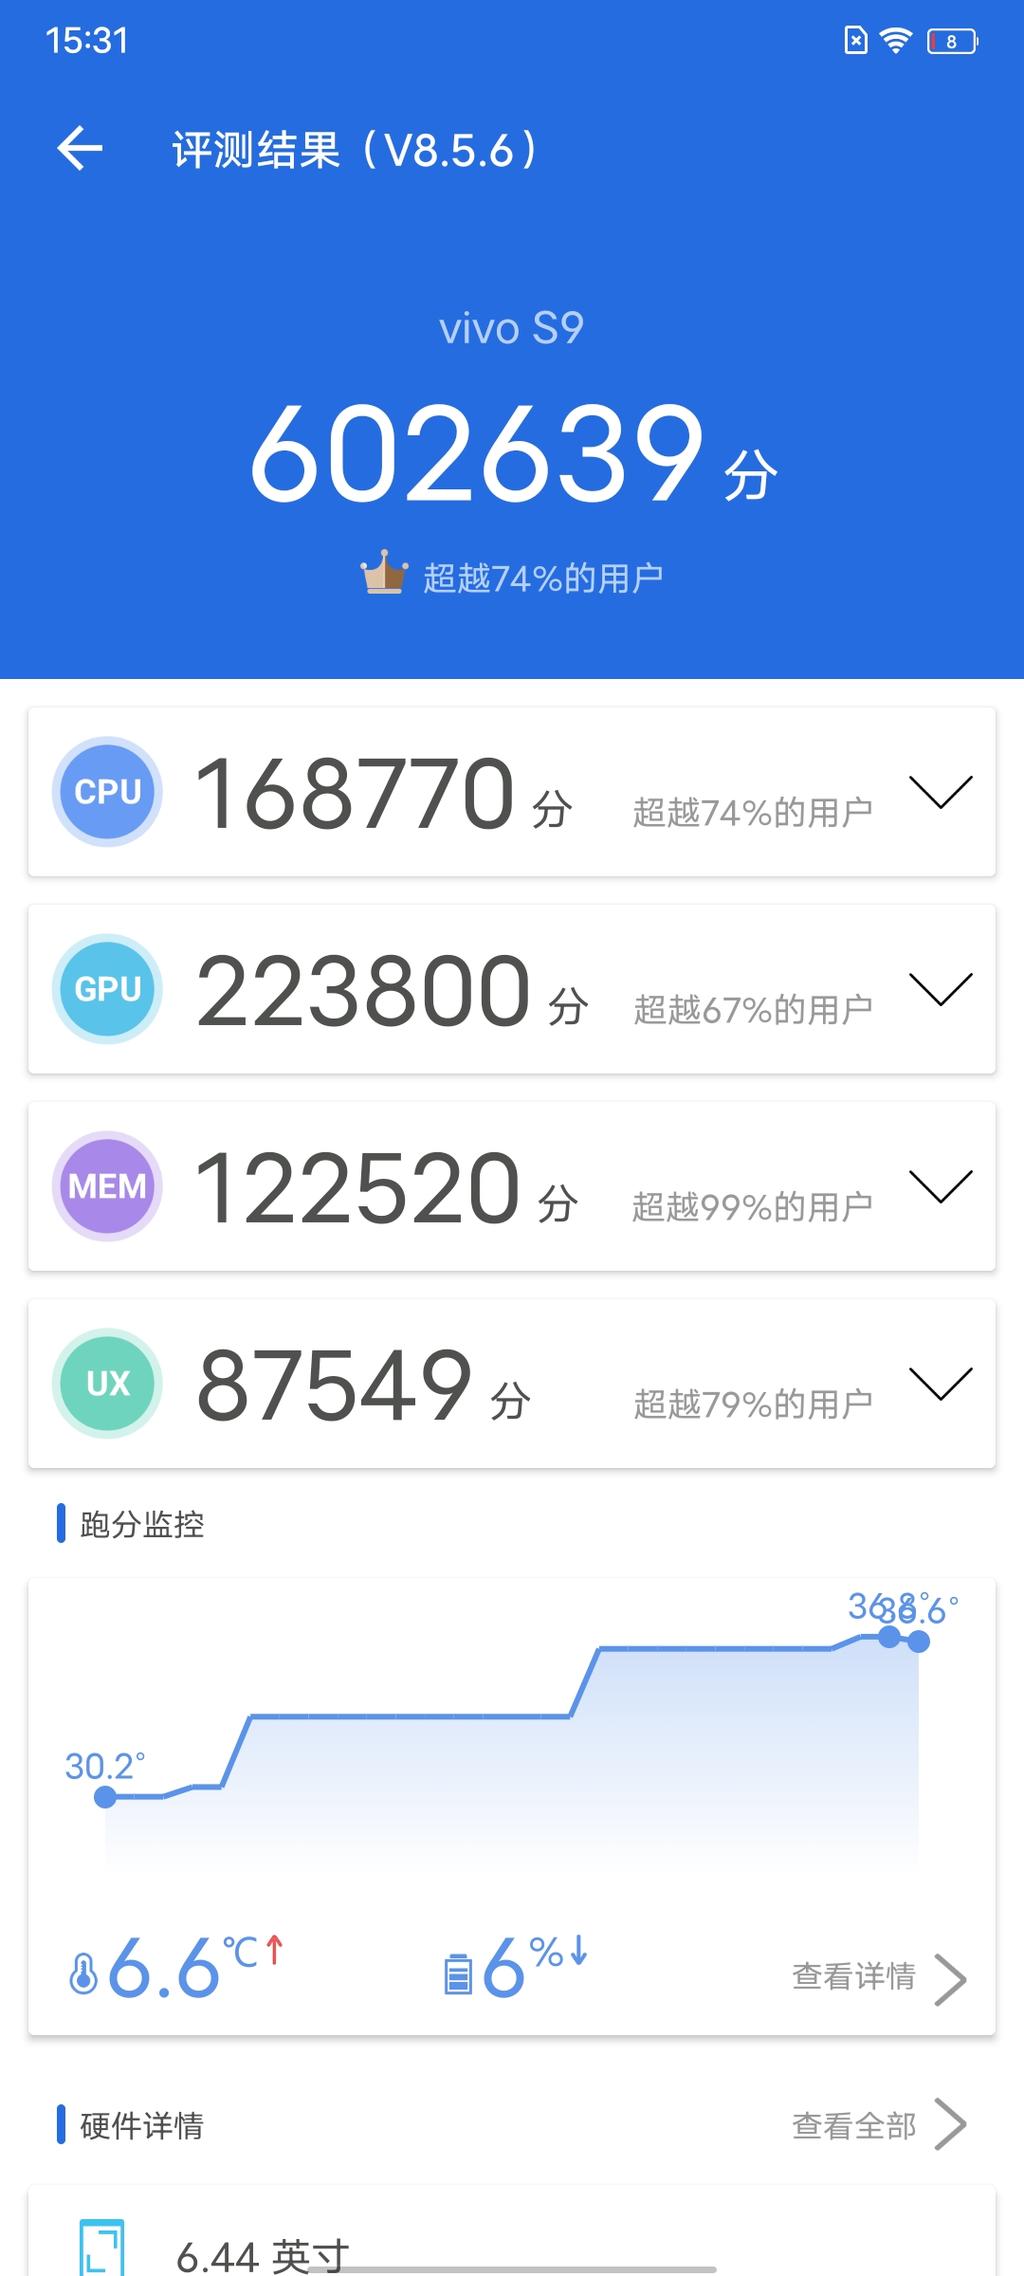 vivo S9 ra mắt: chip Dimensity 1100 đầu tiên, màn hình 90Hz, giá từ 463 USD ảnh 4